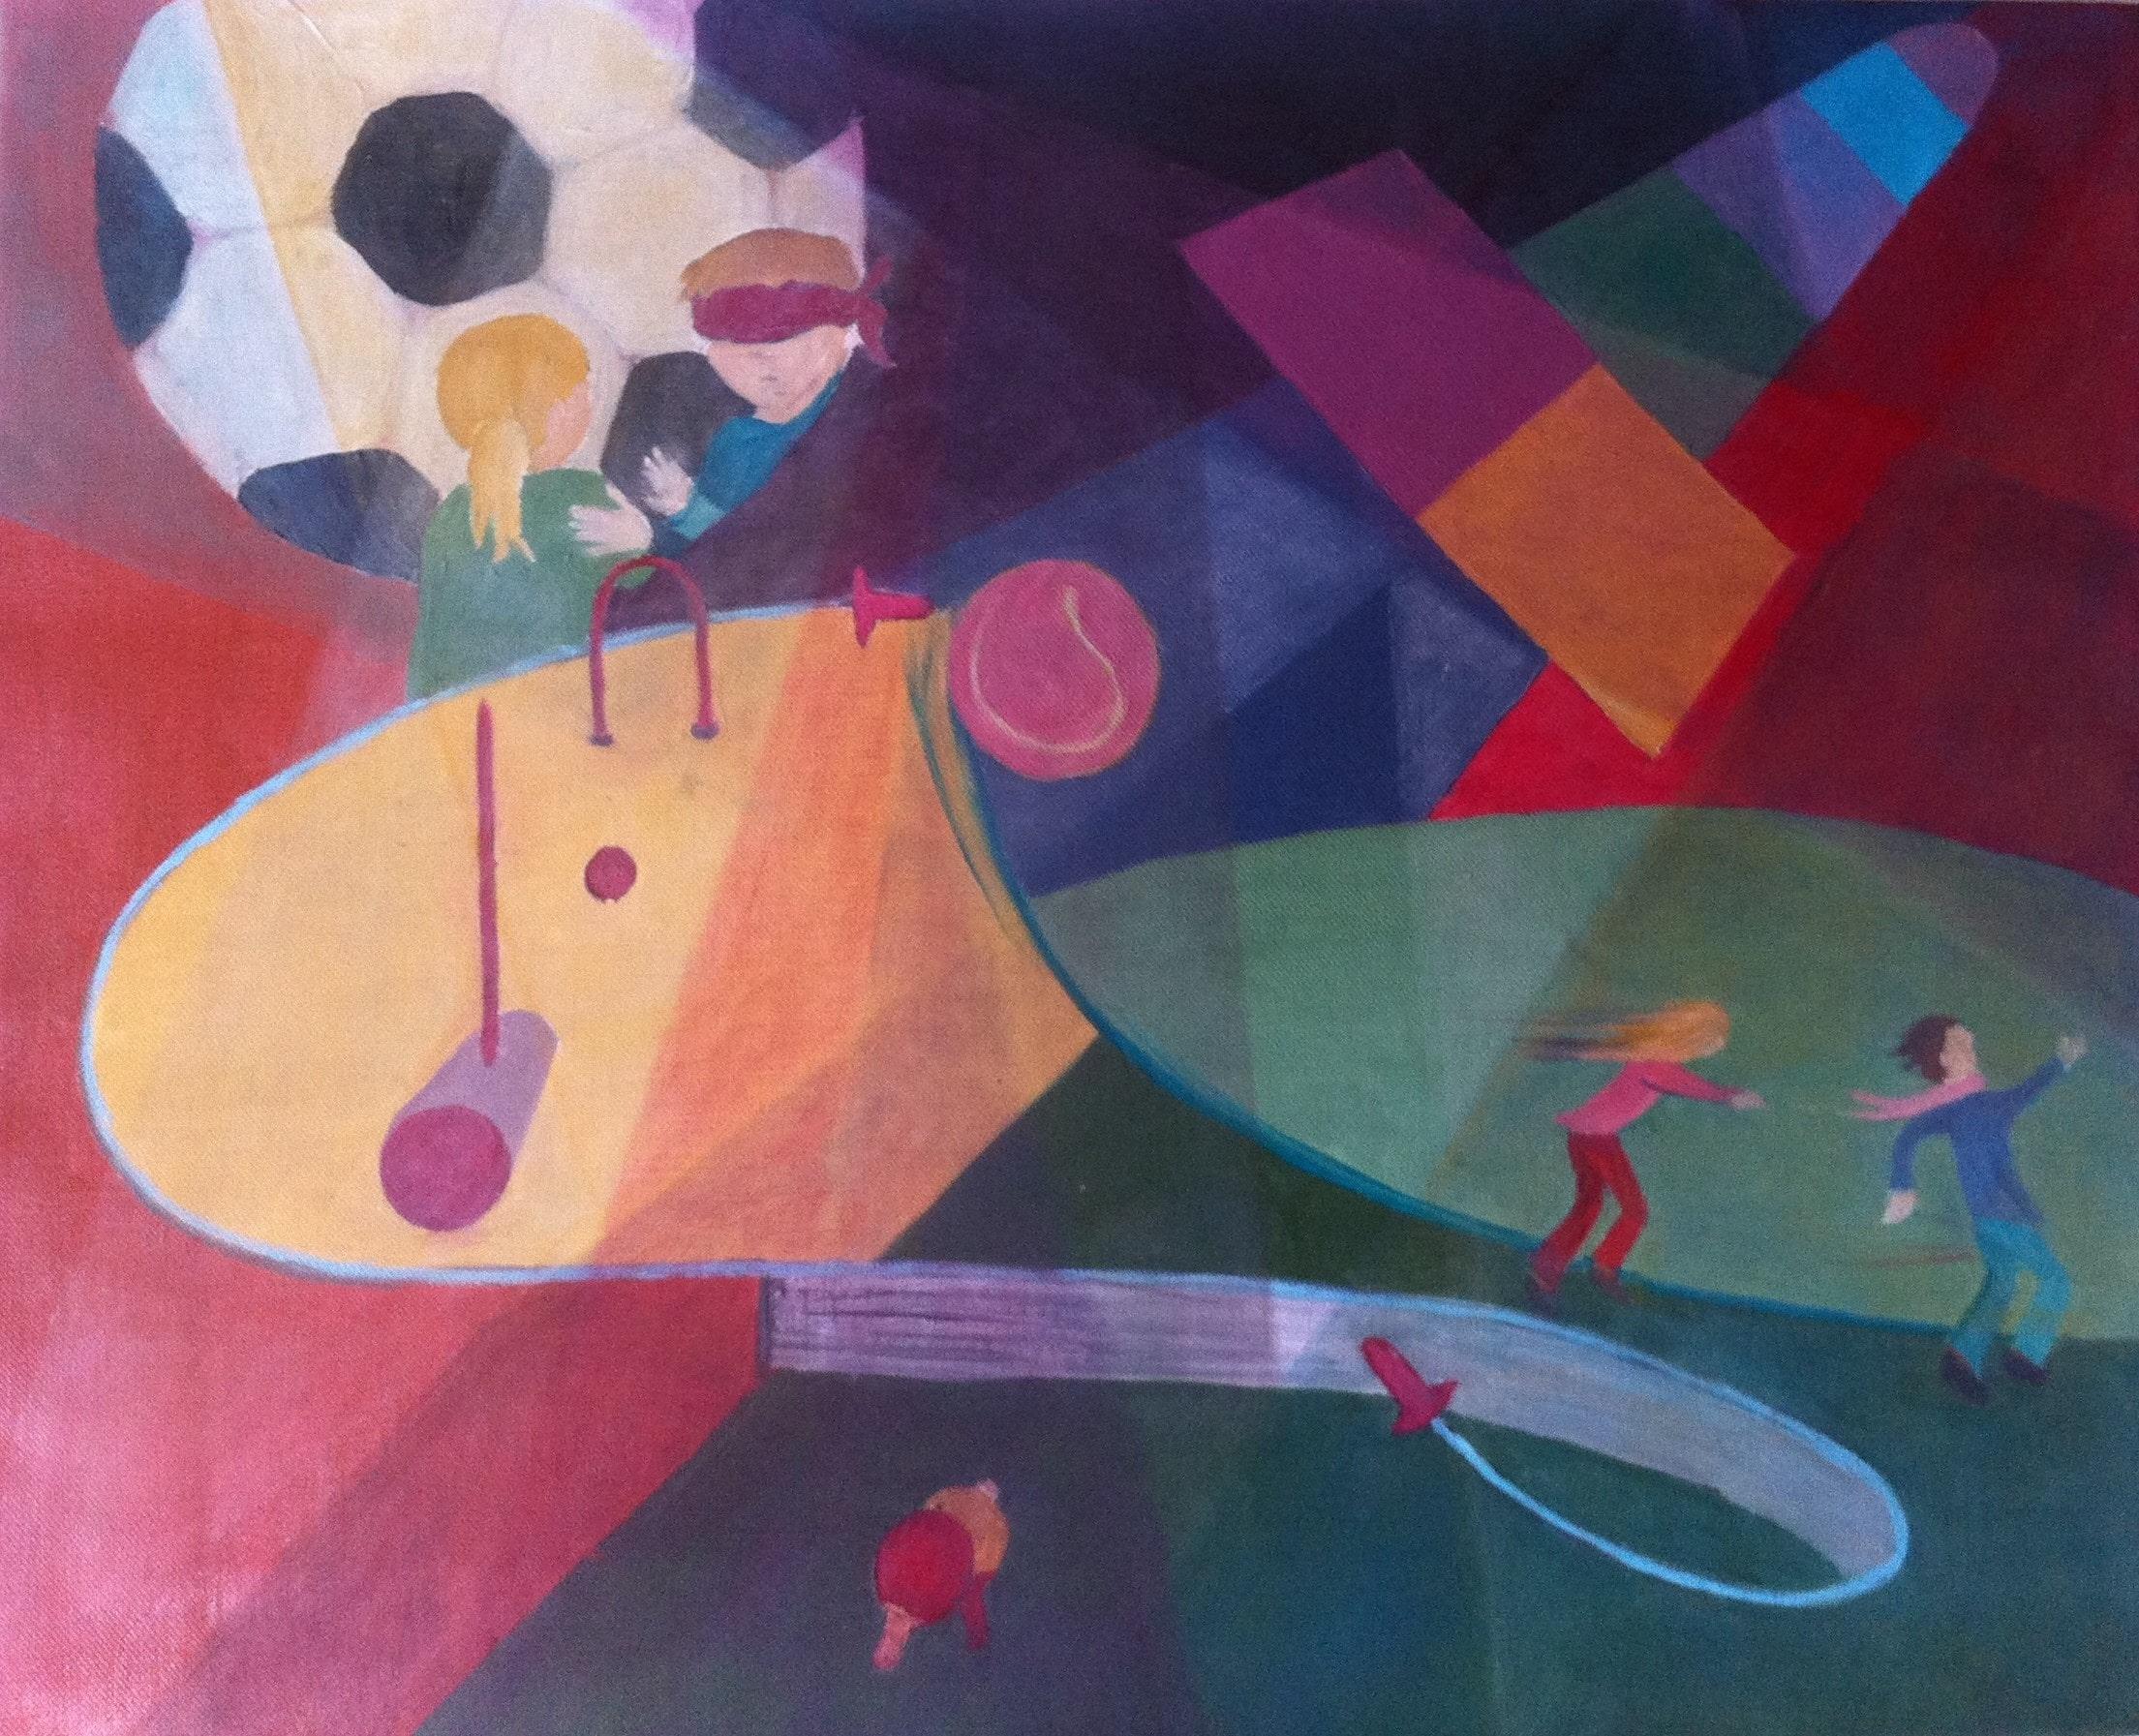 Hôtes et artistes en poitou - Jeux d'extérieur, huile sur toile